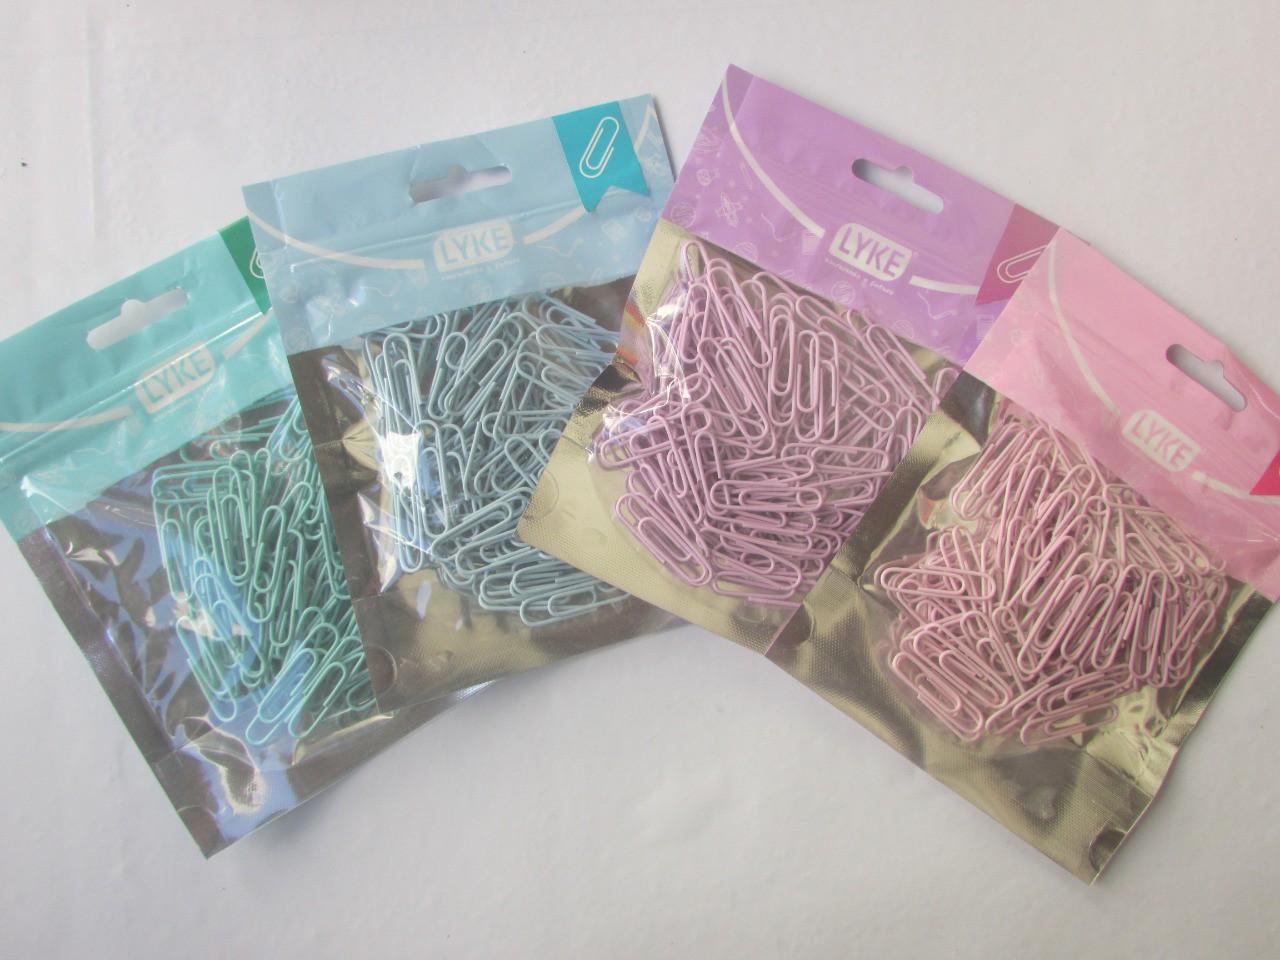 Clips 33mm - Ziper Bag Rosa Pastel